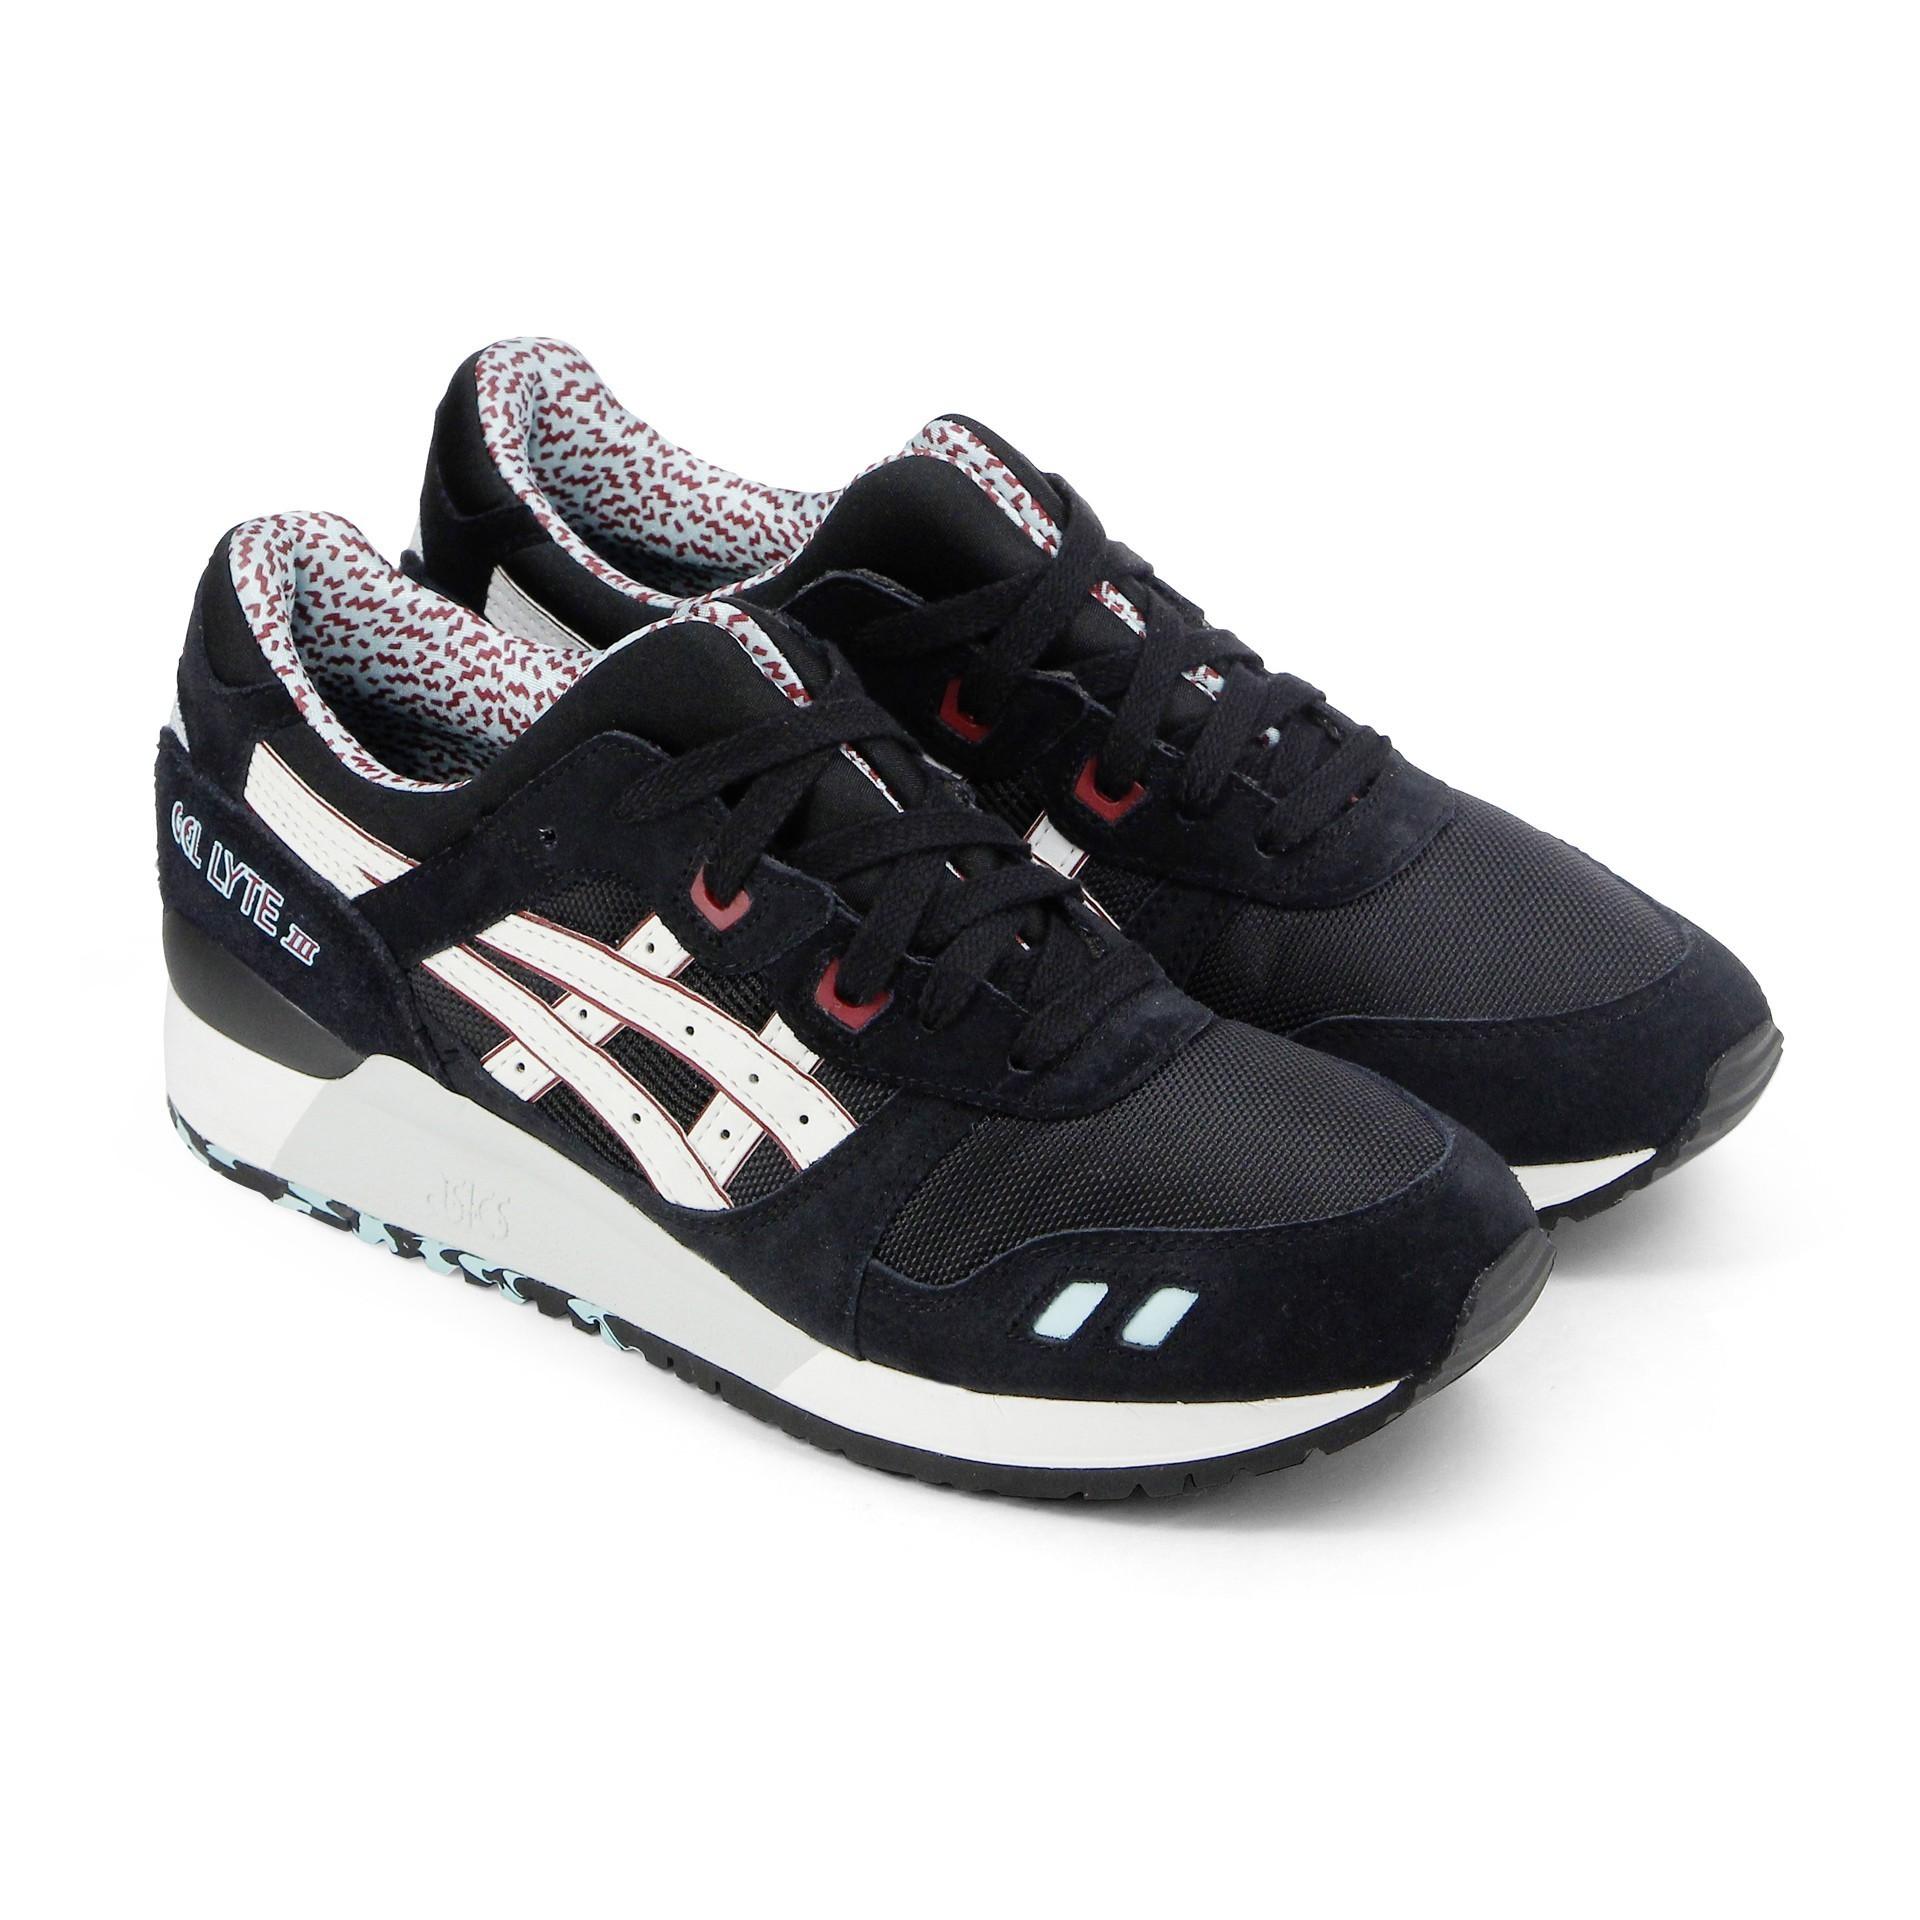 chaussures de sport 54cda 7977e hot asics gel lyte noir 4dca1 e0a6a